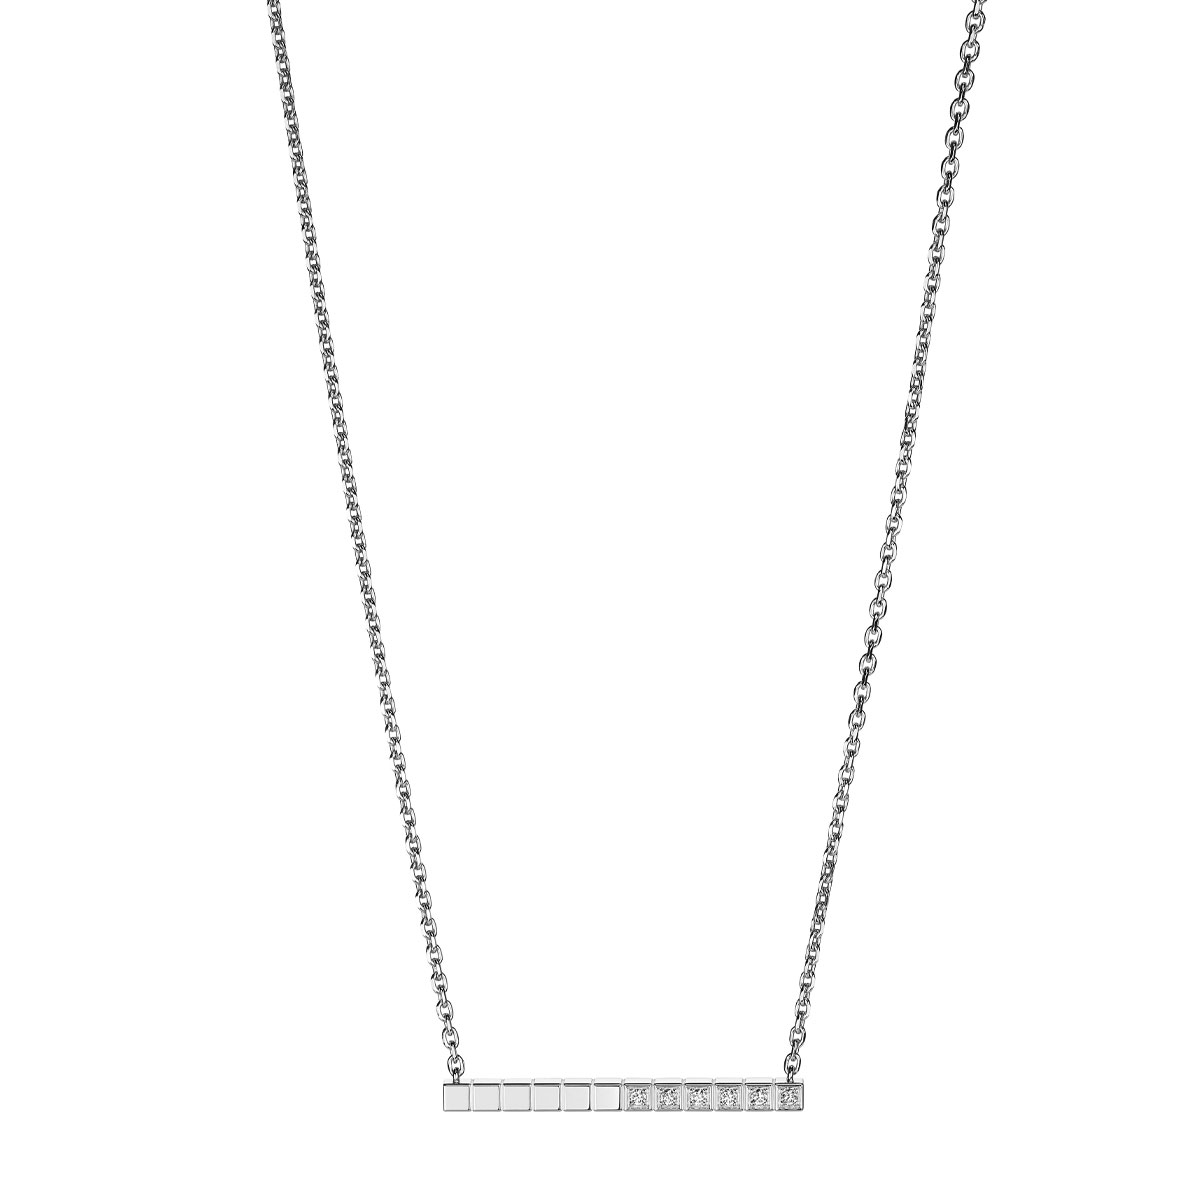 """""""アイスキューブ ピュア"""" ネックレス〈フェアマインド認定18KWG、ダイヤモンド〉¥280,000"""